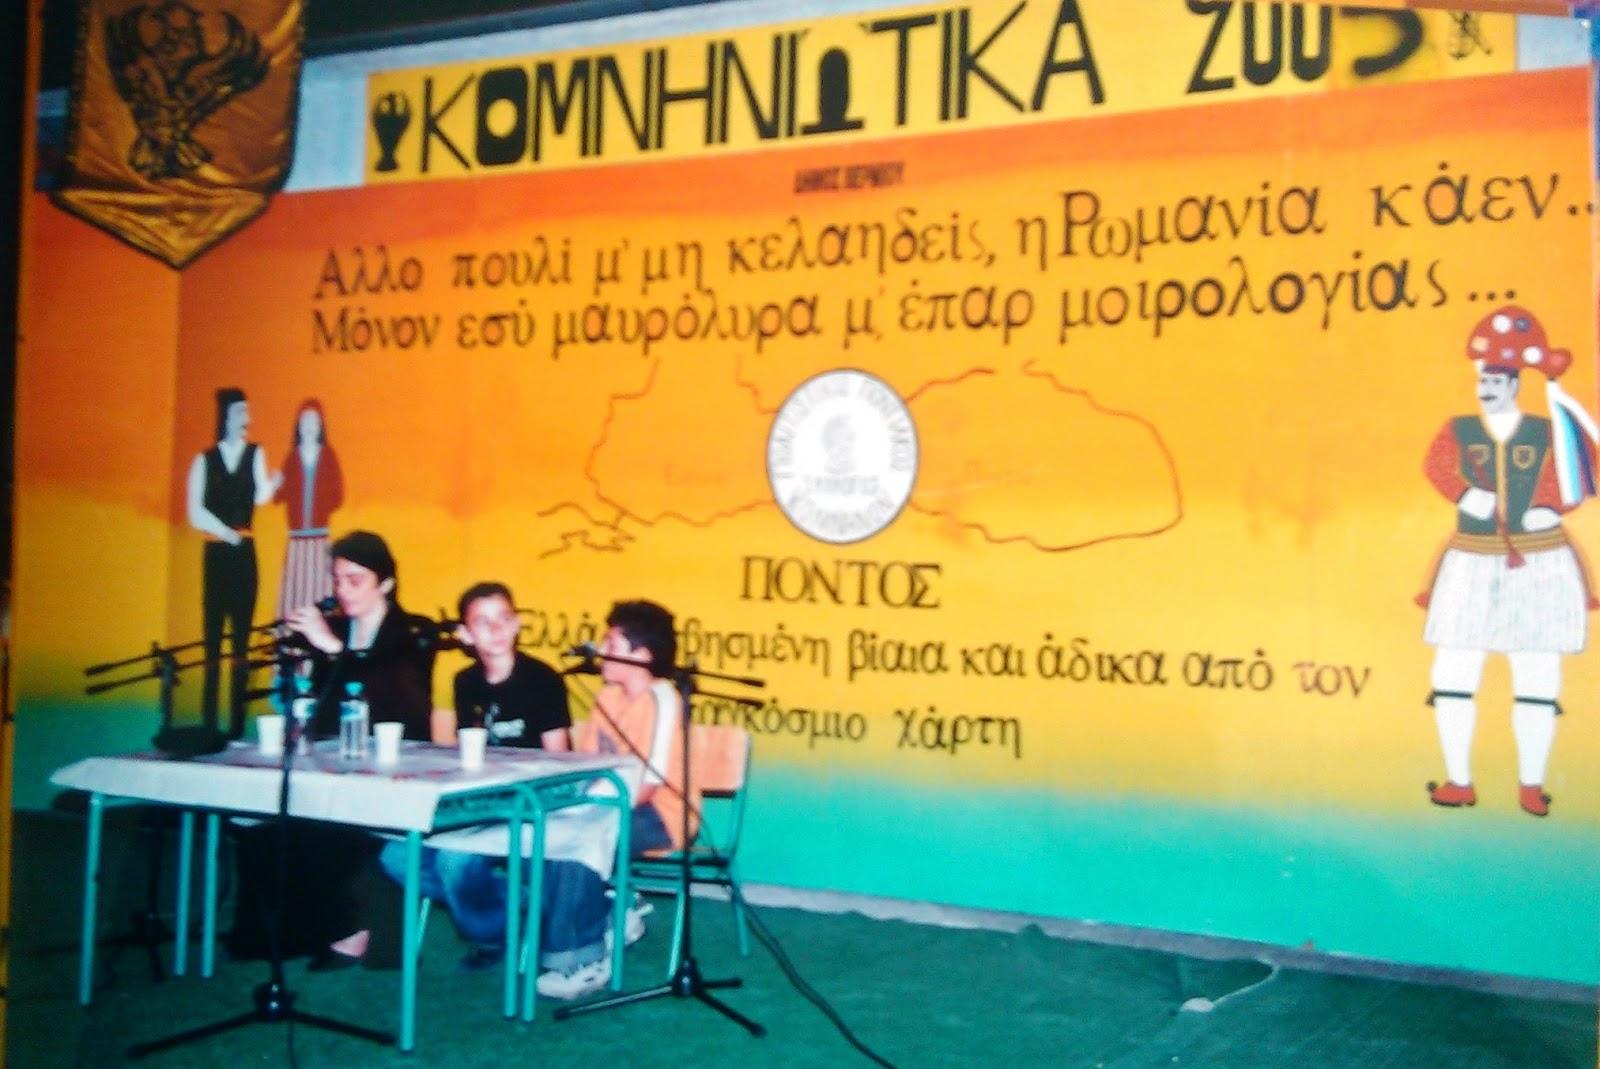 Παρουσίαση μελέτης Μωμόγερων 2005